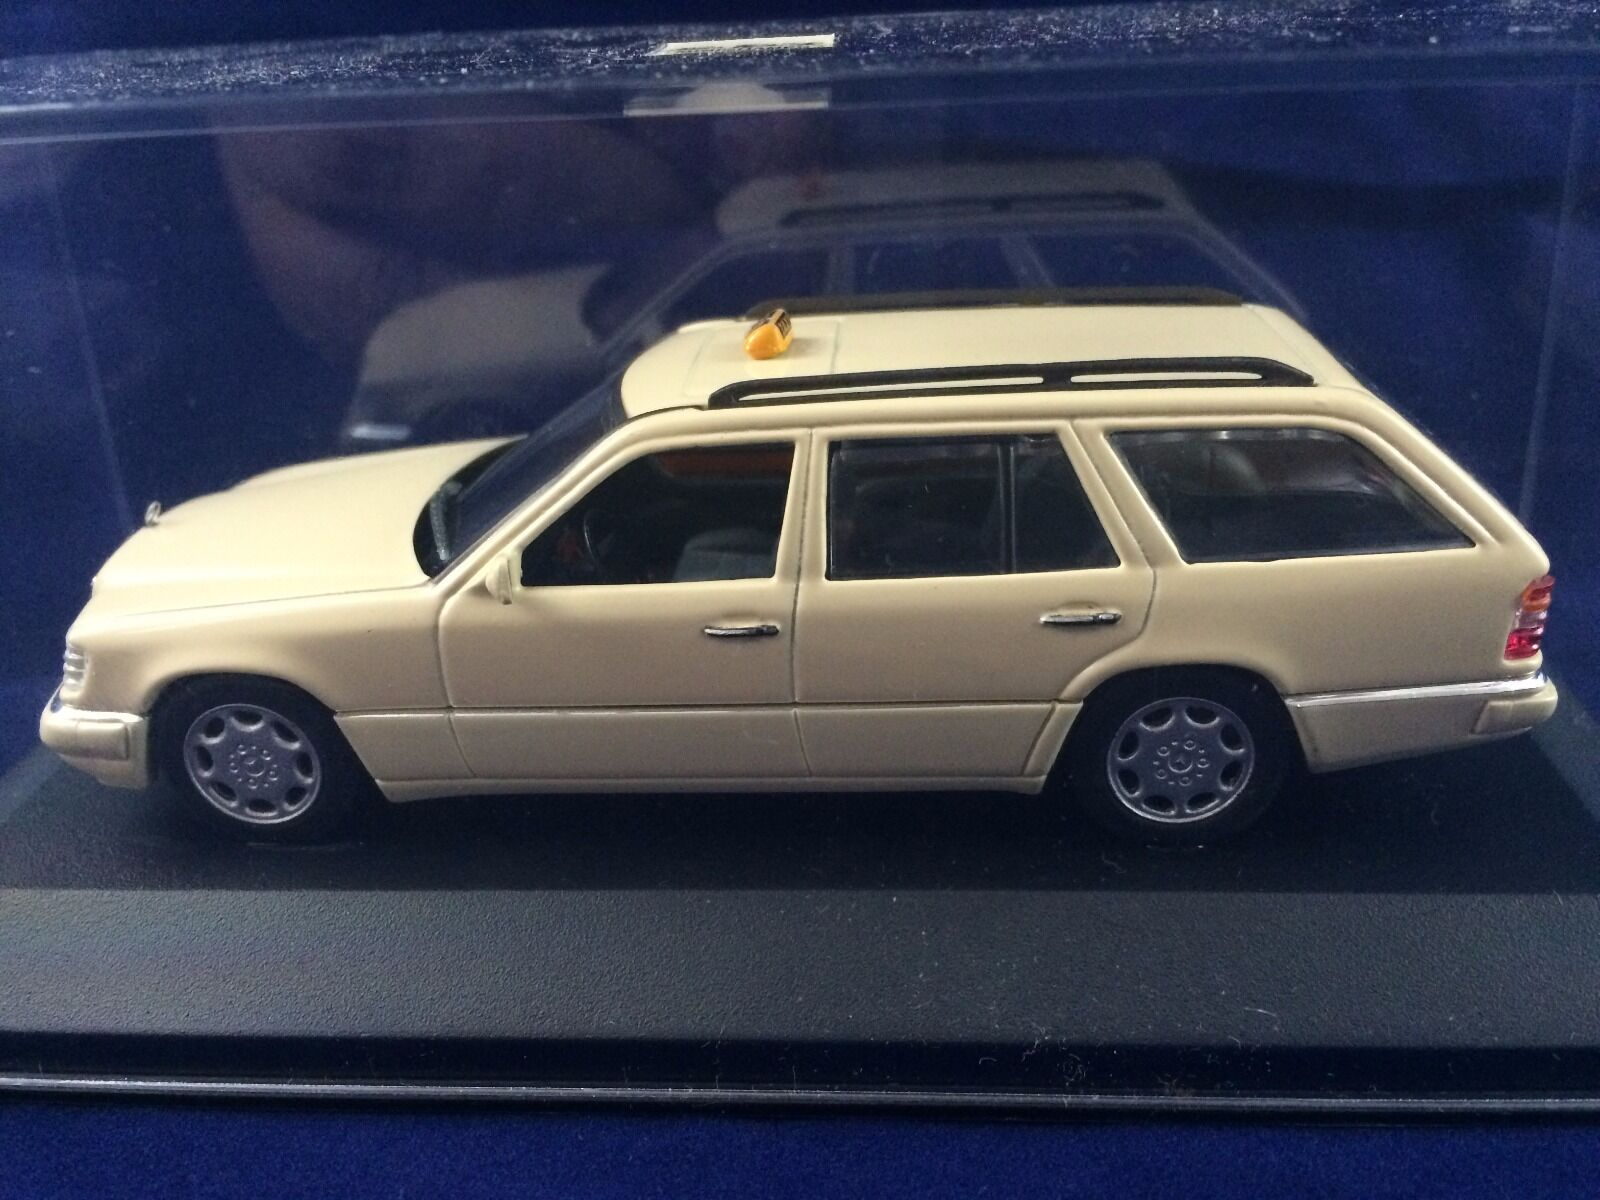 Para tu estilo de juego a los precios más baratos. Minichamps Mercedes E-Class romper 1994 1994 1994  en promociones de estadios